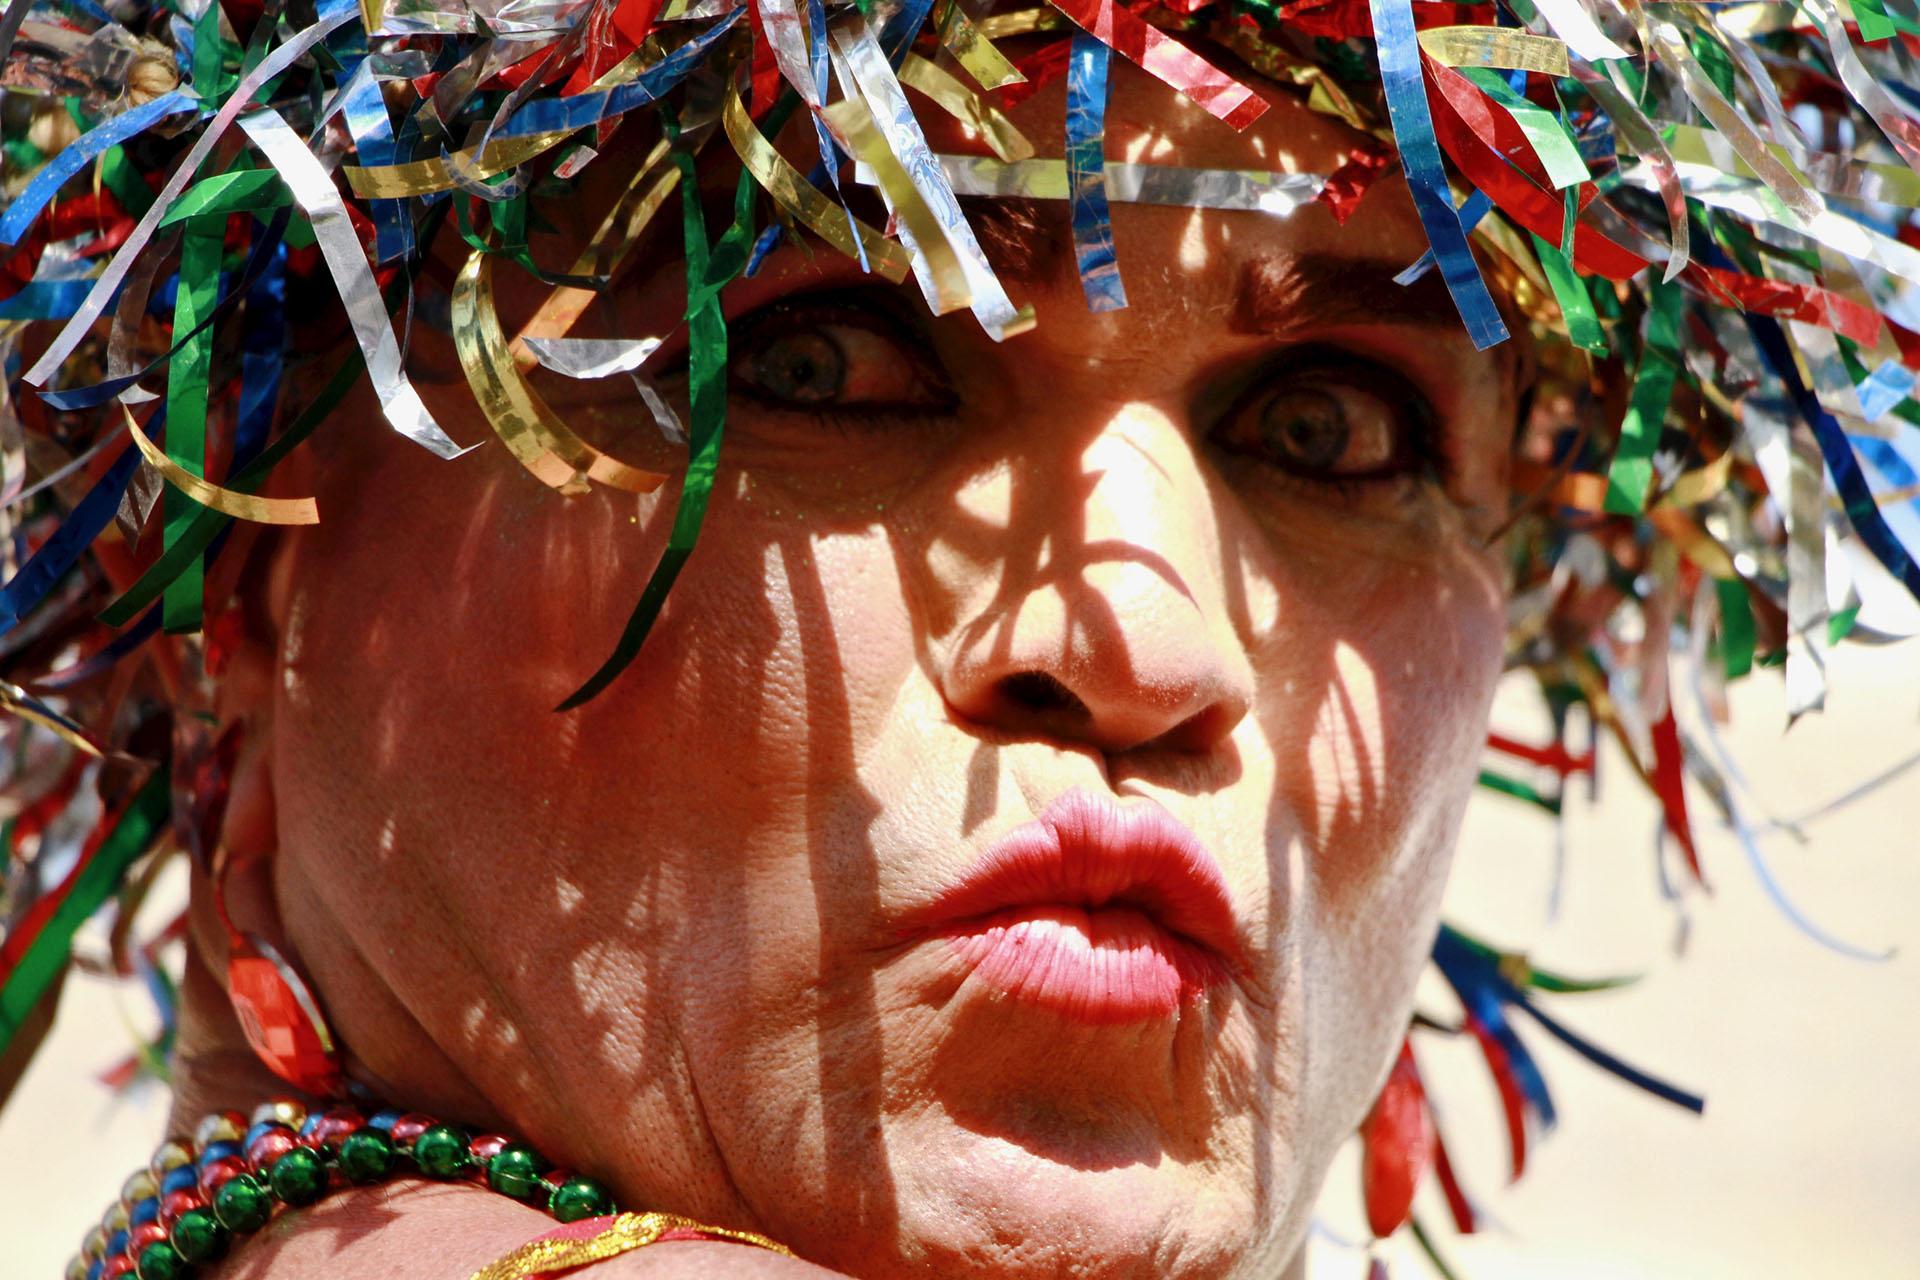 El disfraz de 'María Moñitos' sigue vivo como símbolo de la fiesta, aunque su creador, Emil Castellanos, falleció hace más de 16 años